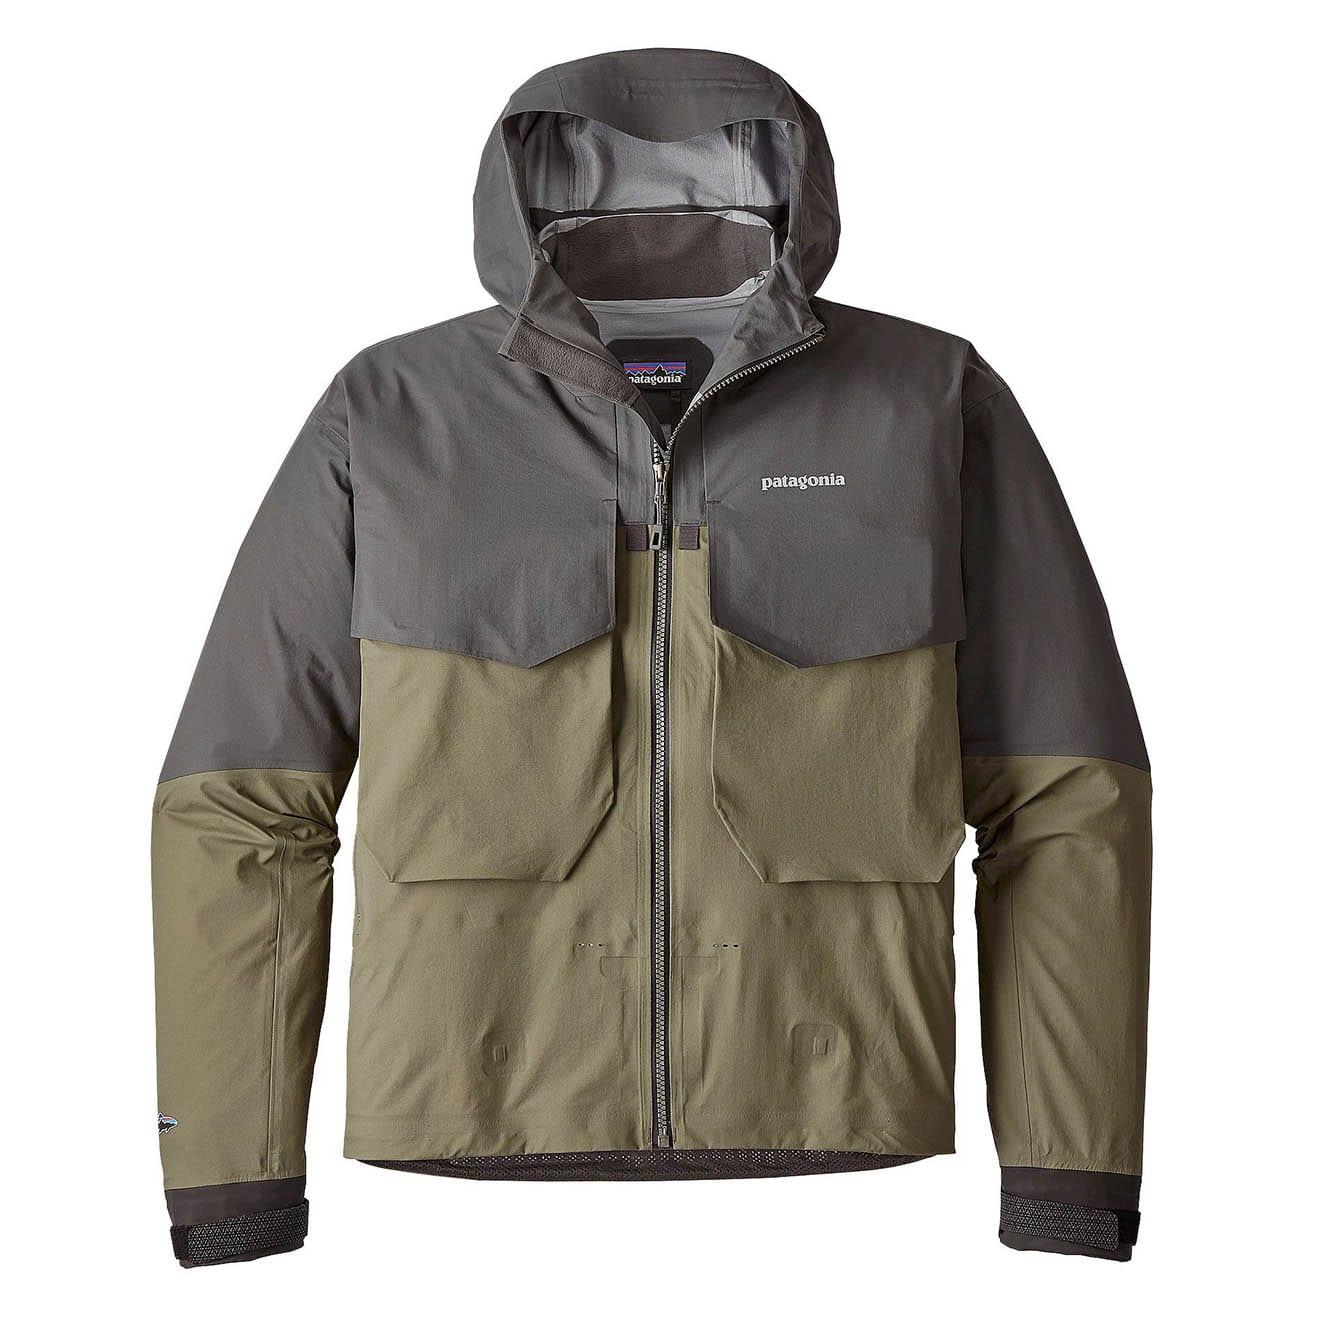 patagonia sst jacket forge grey